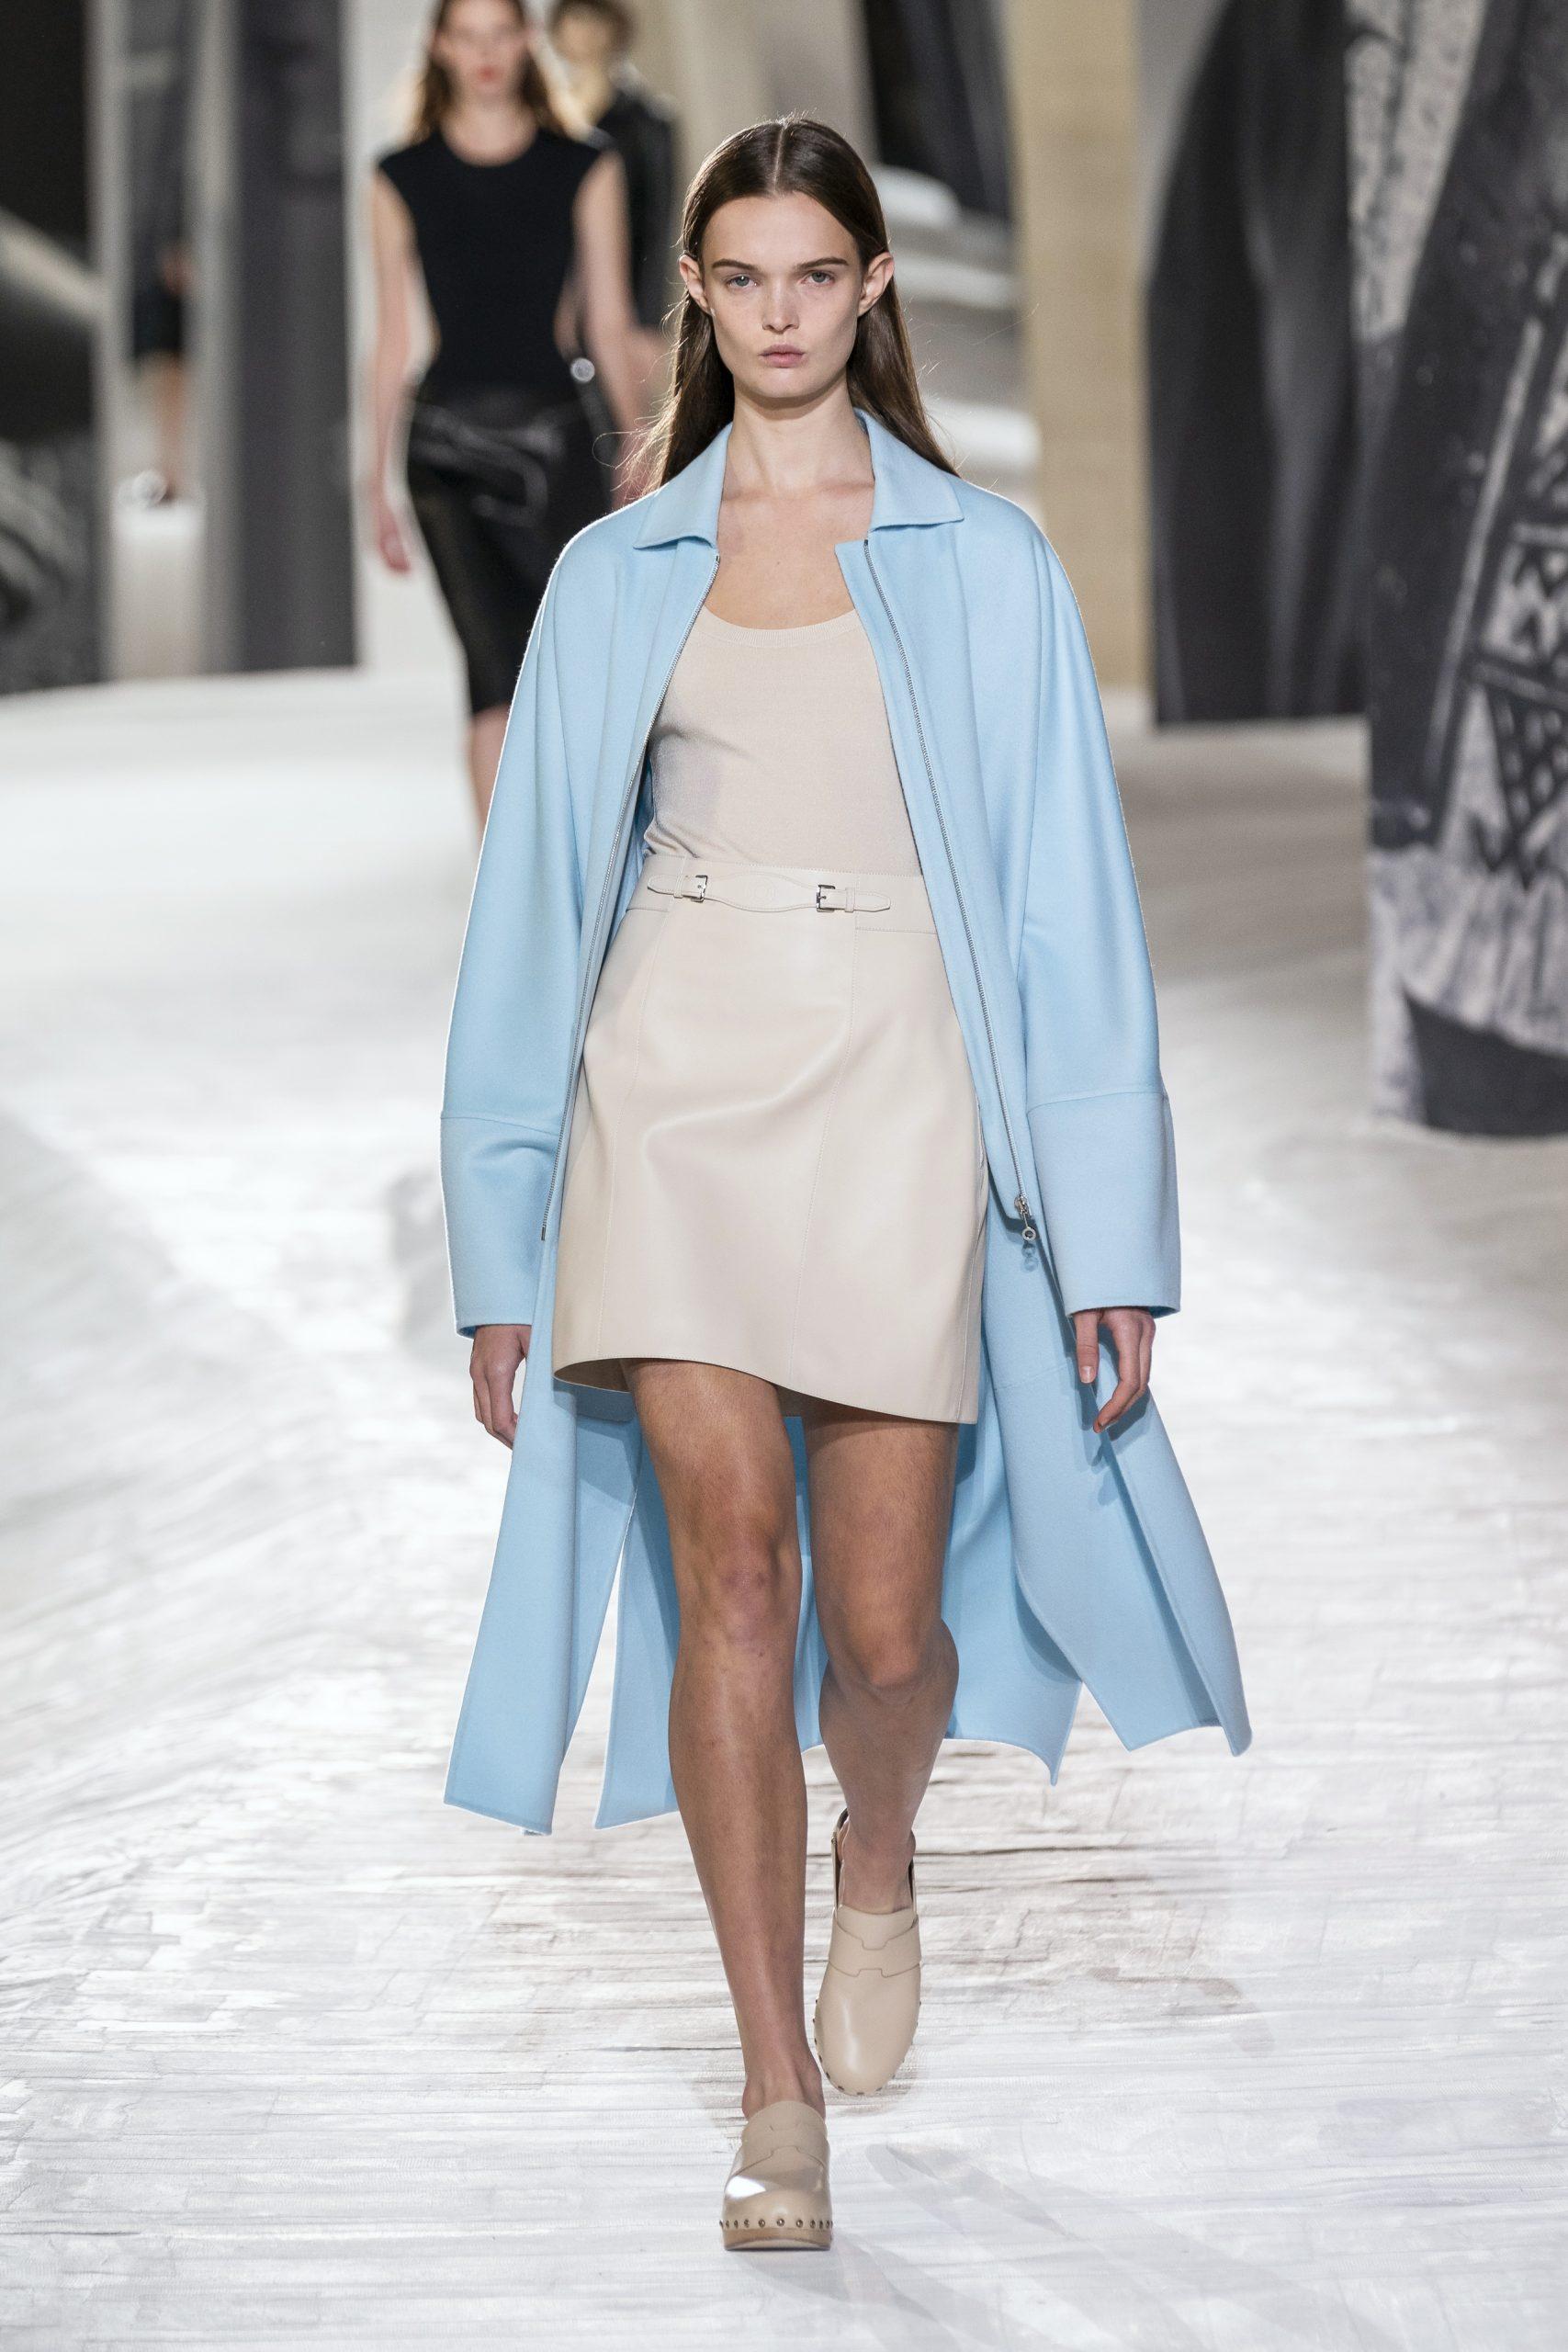 13. kép: Párizsi divathét - Hermès - 2021 tavasz-nyár - ready to wear